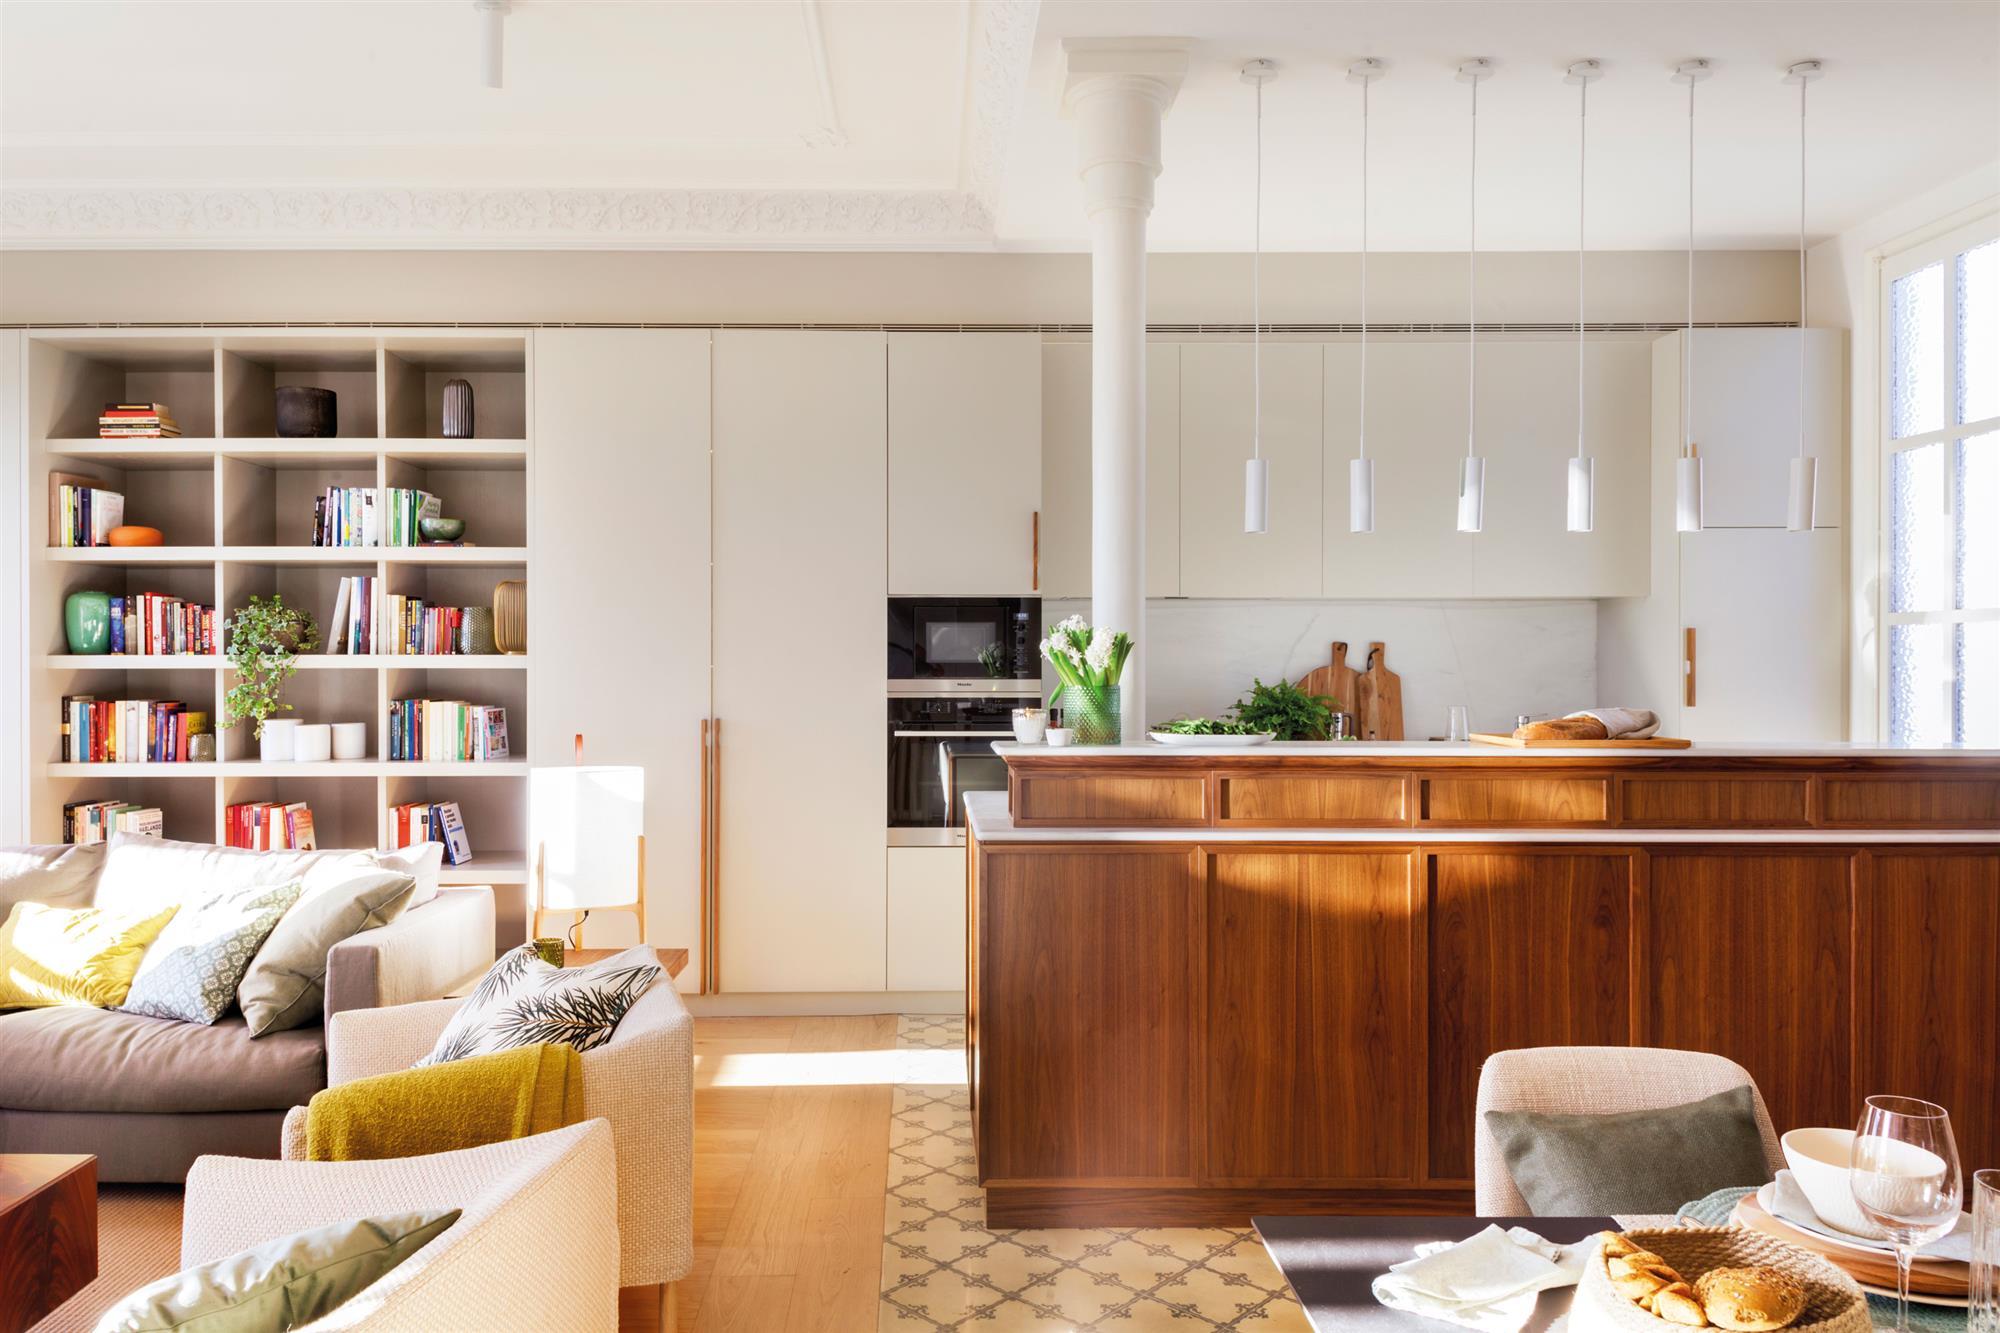 00472163. Cocina abierta a salón con isla de madera 00472163